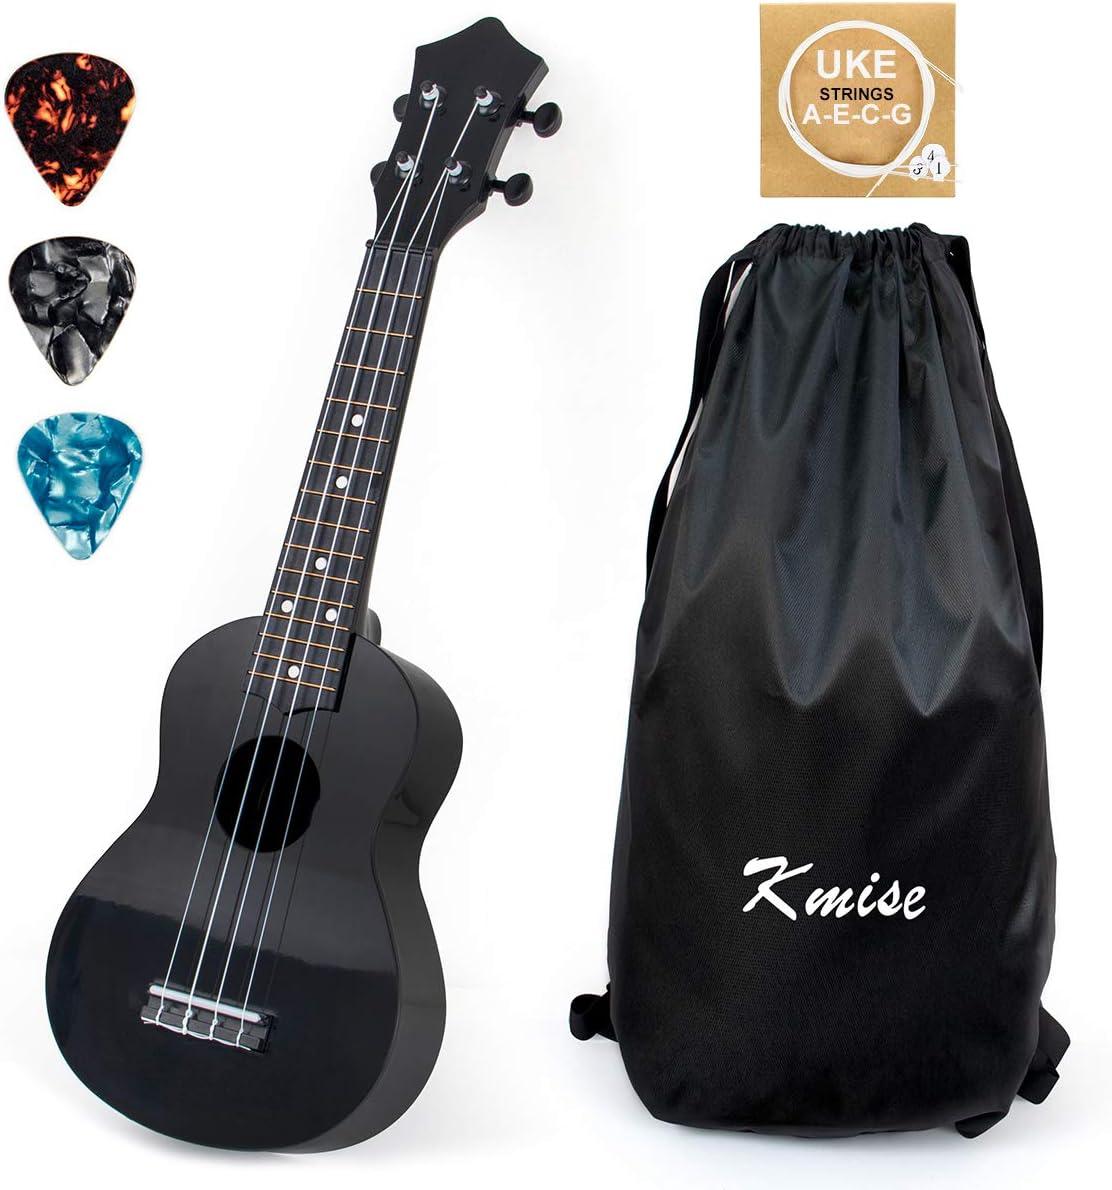 Kmise Soprano Ukulele for Beginners 21 inch ukelele Birthday Chrismas gift kit with Bag Picks String (Black)